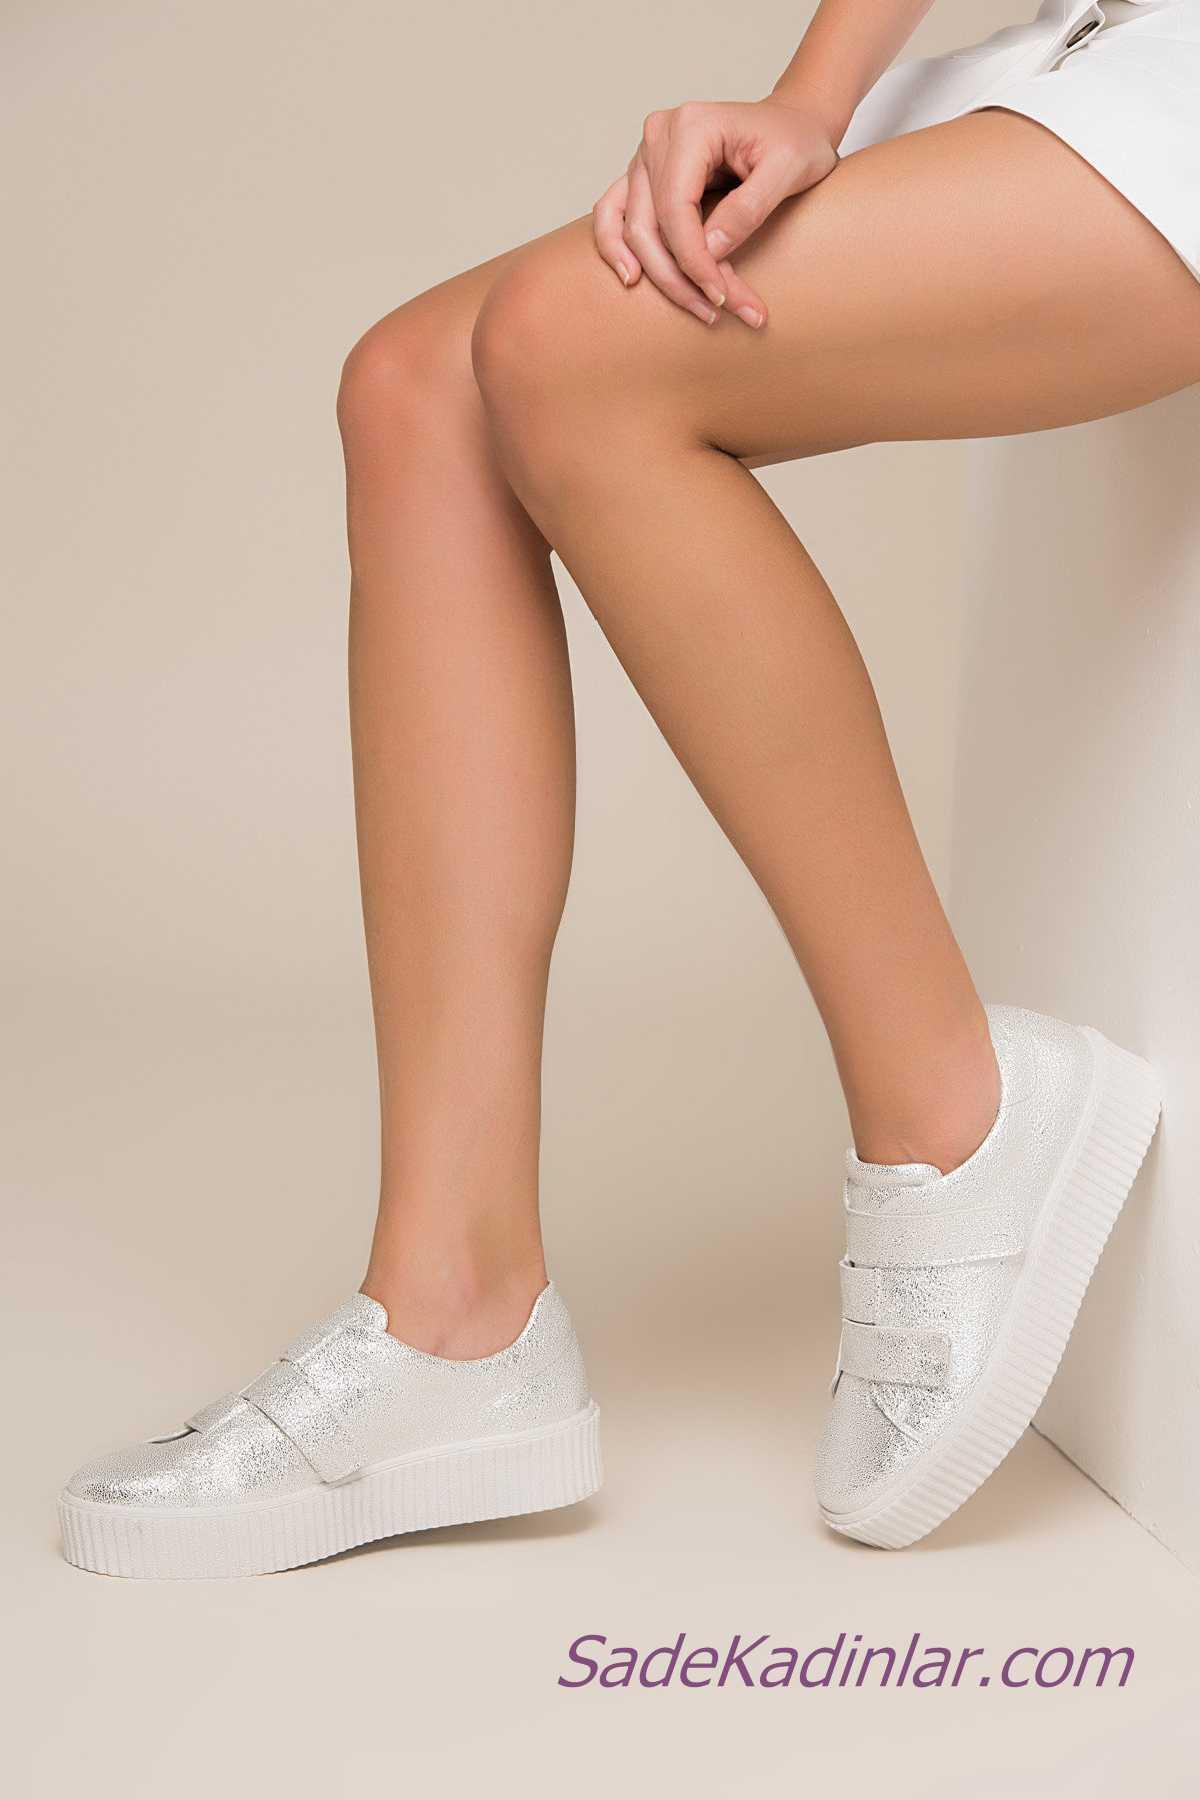 Sneakers Bayan Spor Ayakkabı Modelleri Beyaz Yandan Bantlı Yapışkanlı